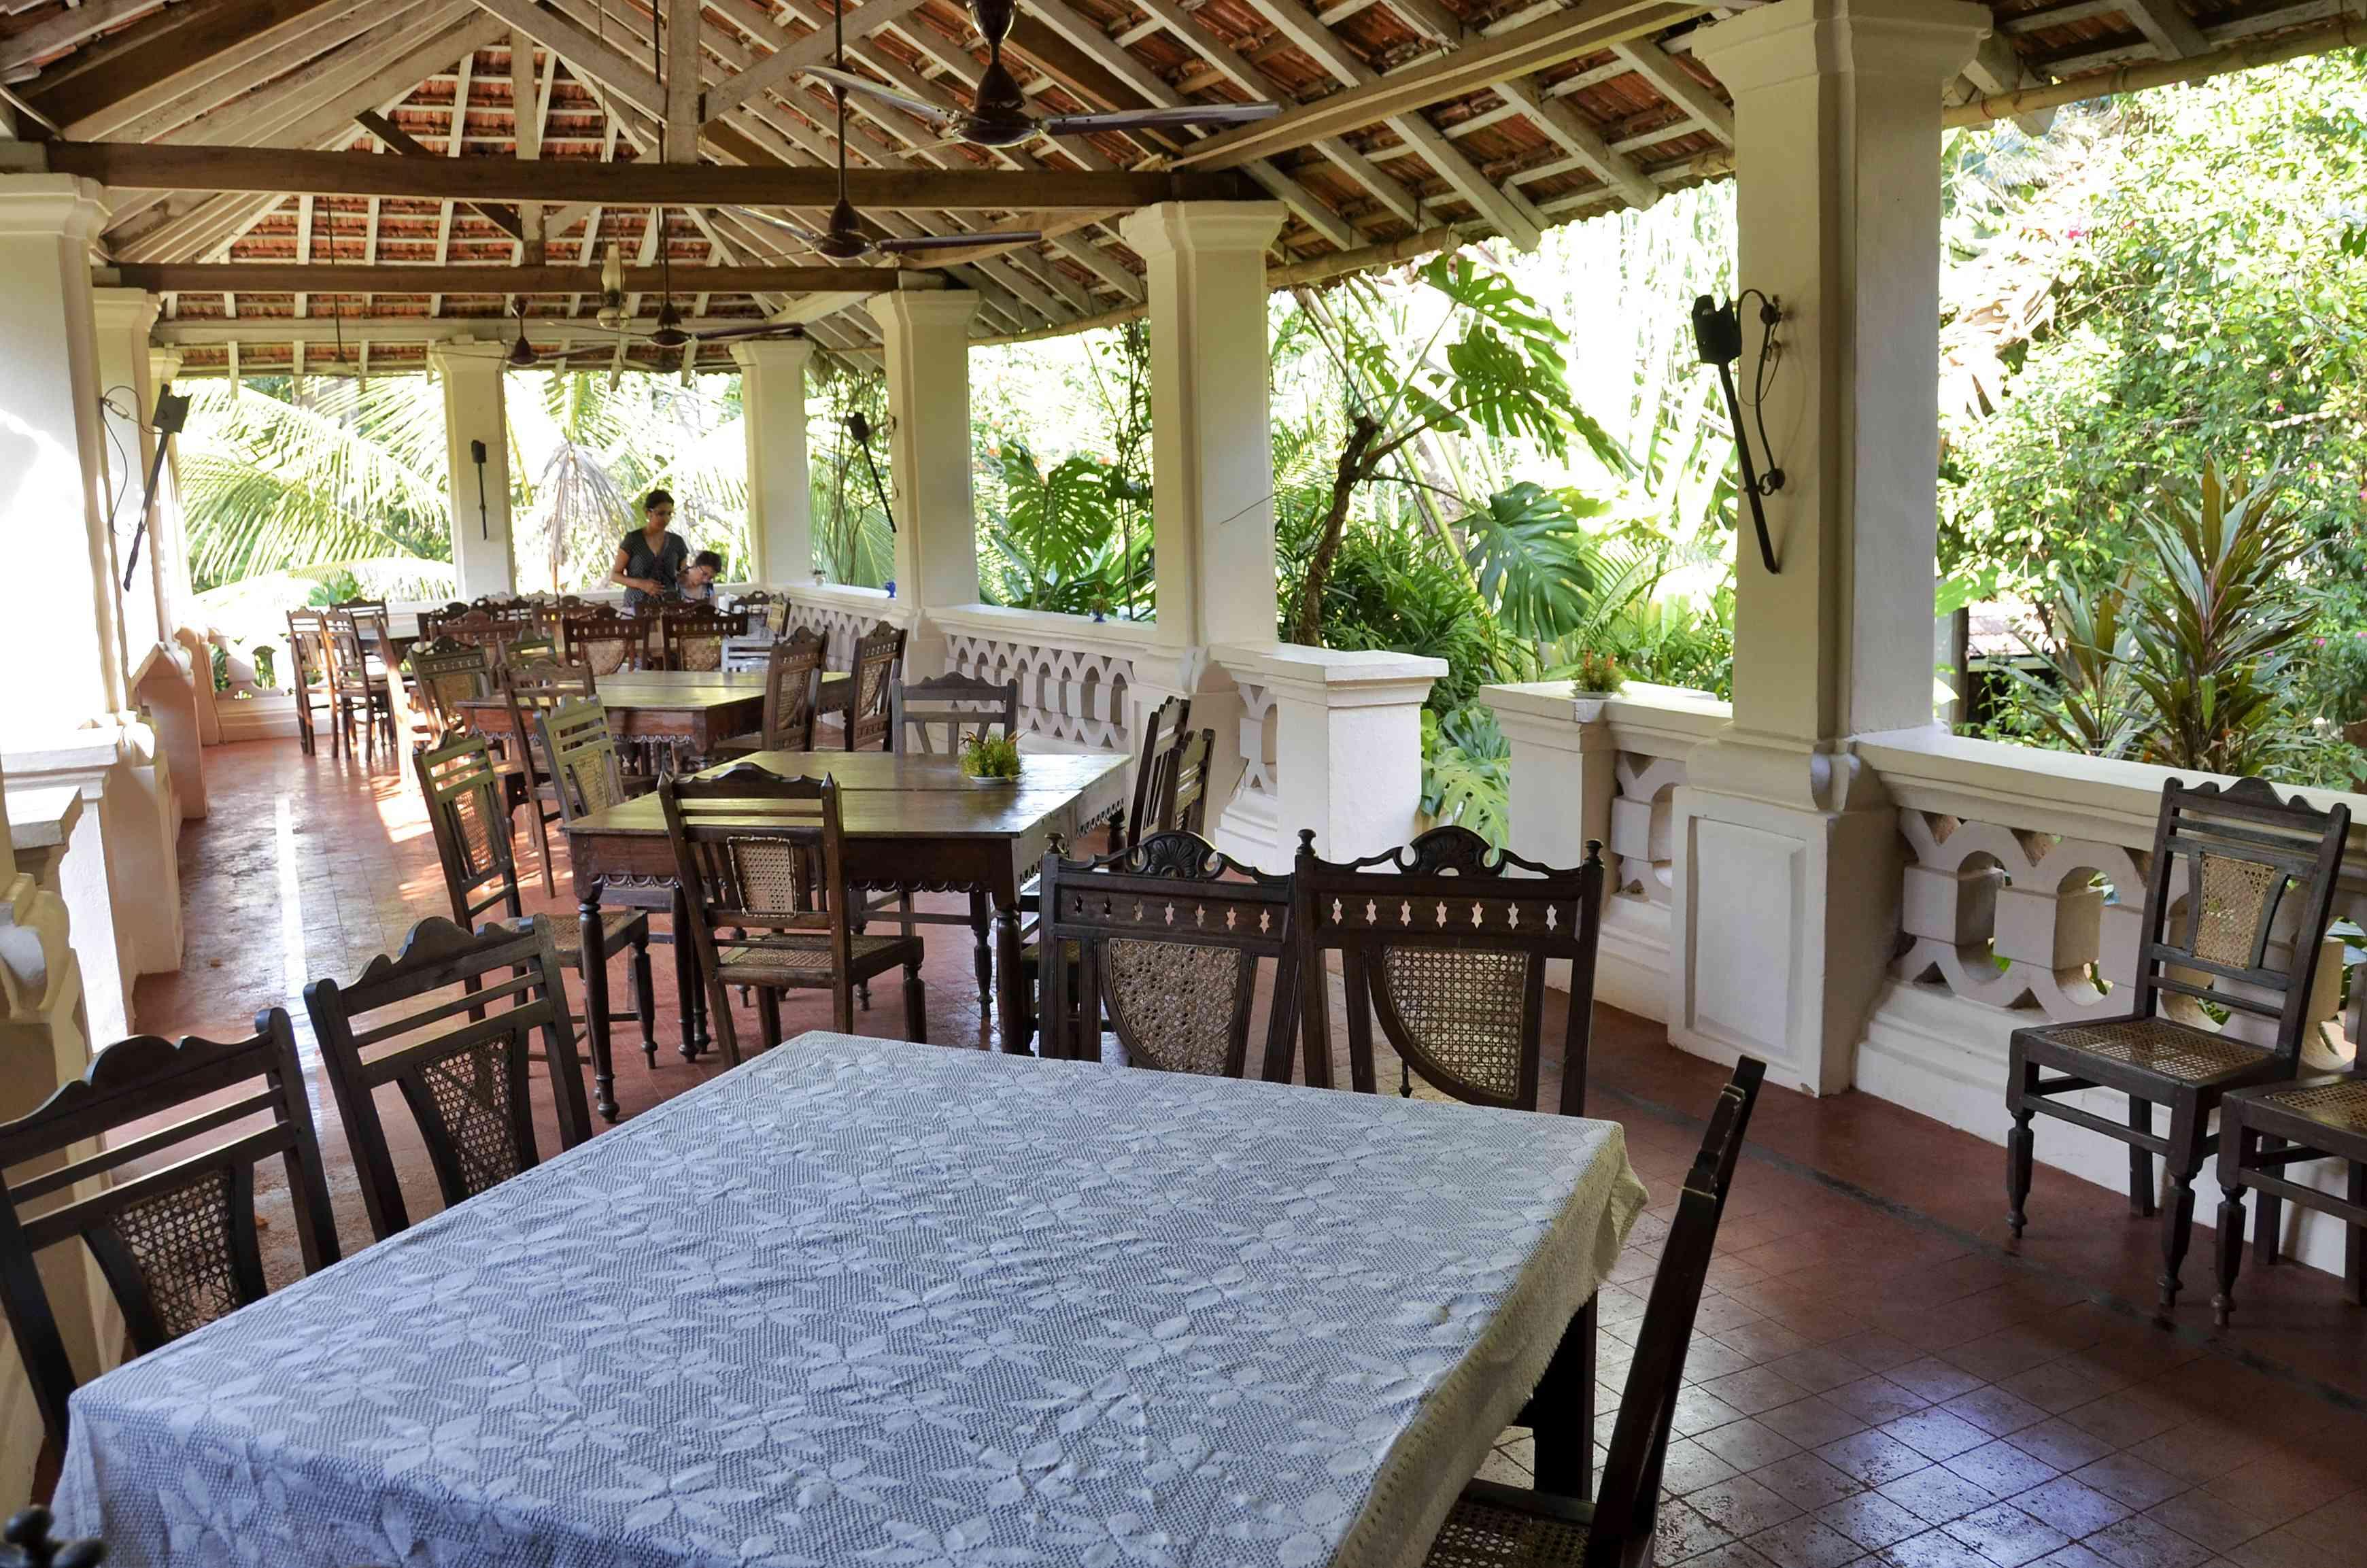 Restaurant at Palacio do Deao in Goa.